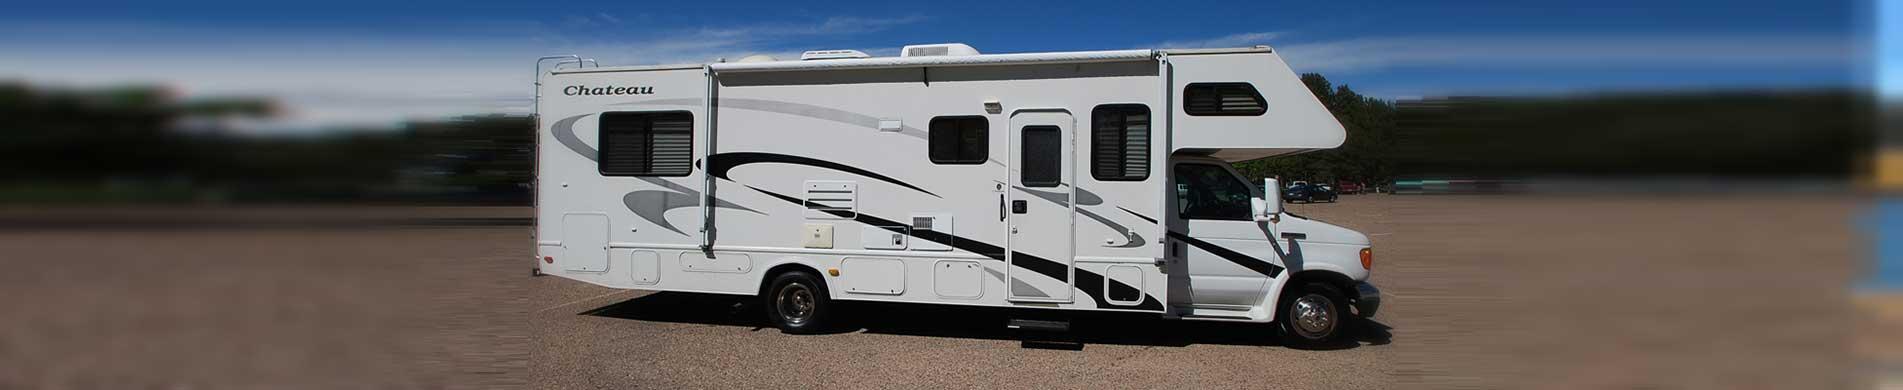 Used RVs Pueblo | Used RV Dealer Pueblo | Boardman RV